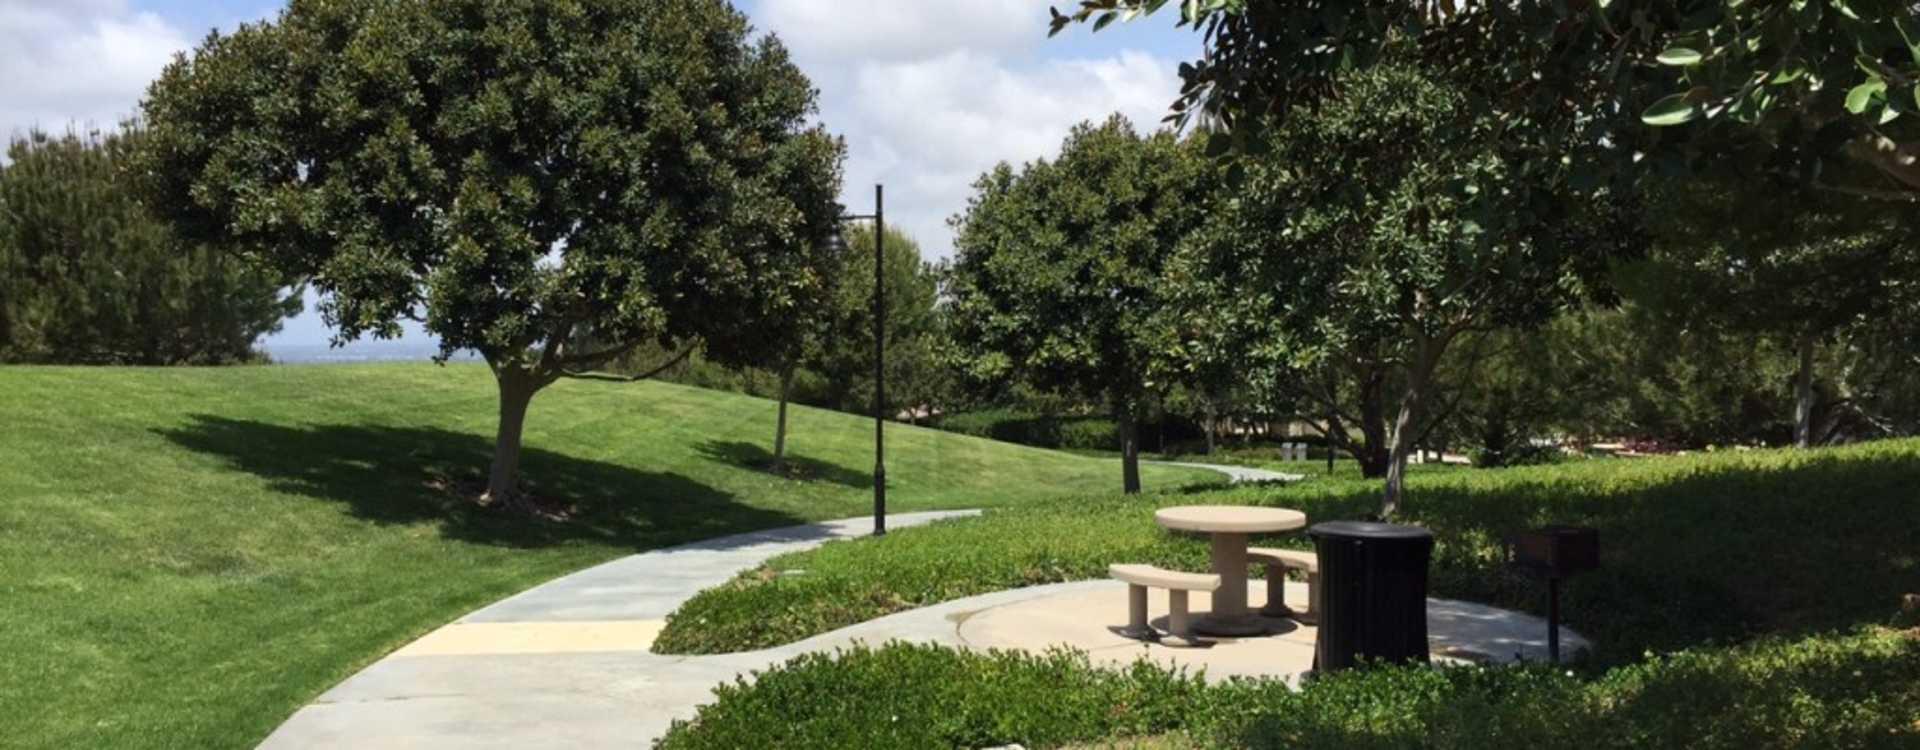 Cascade View Community Park